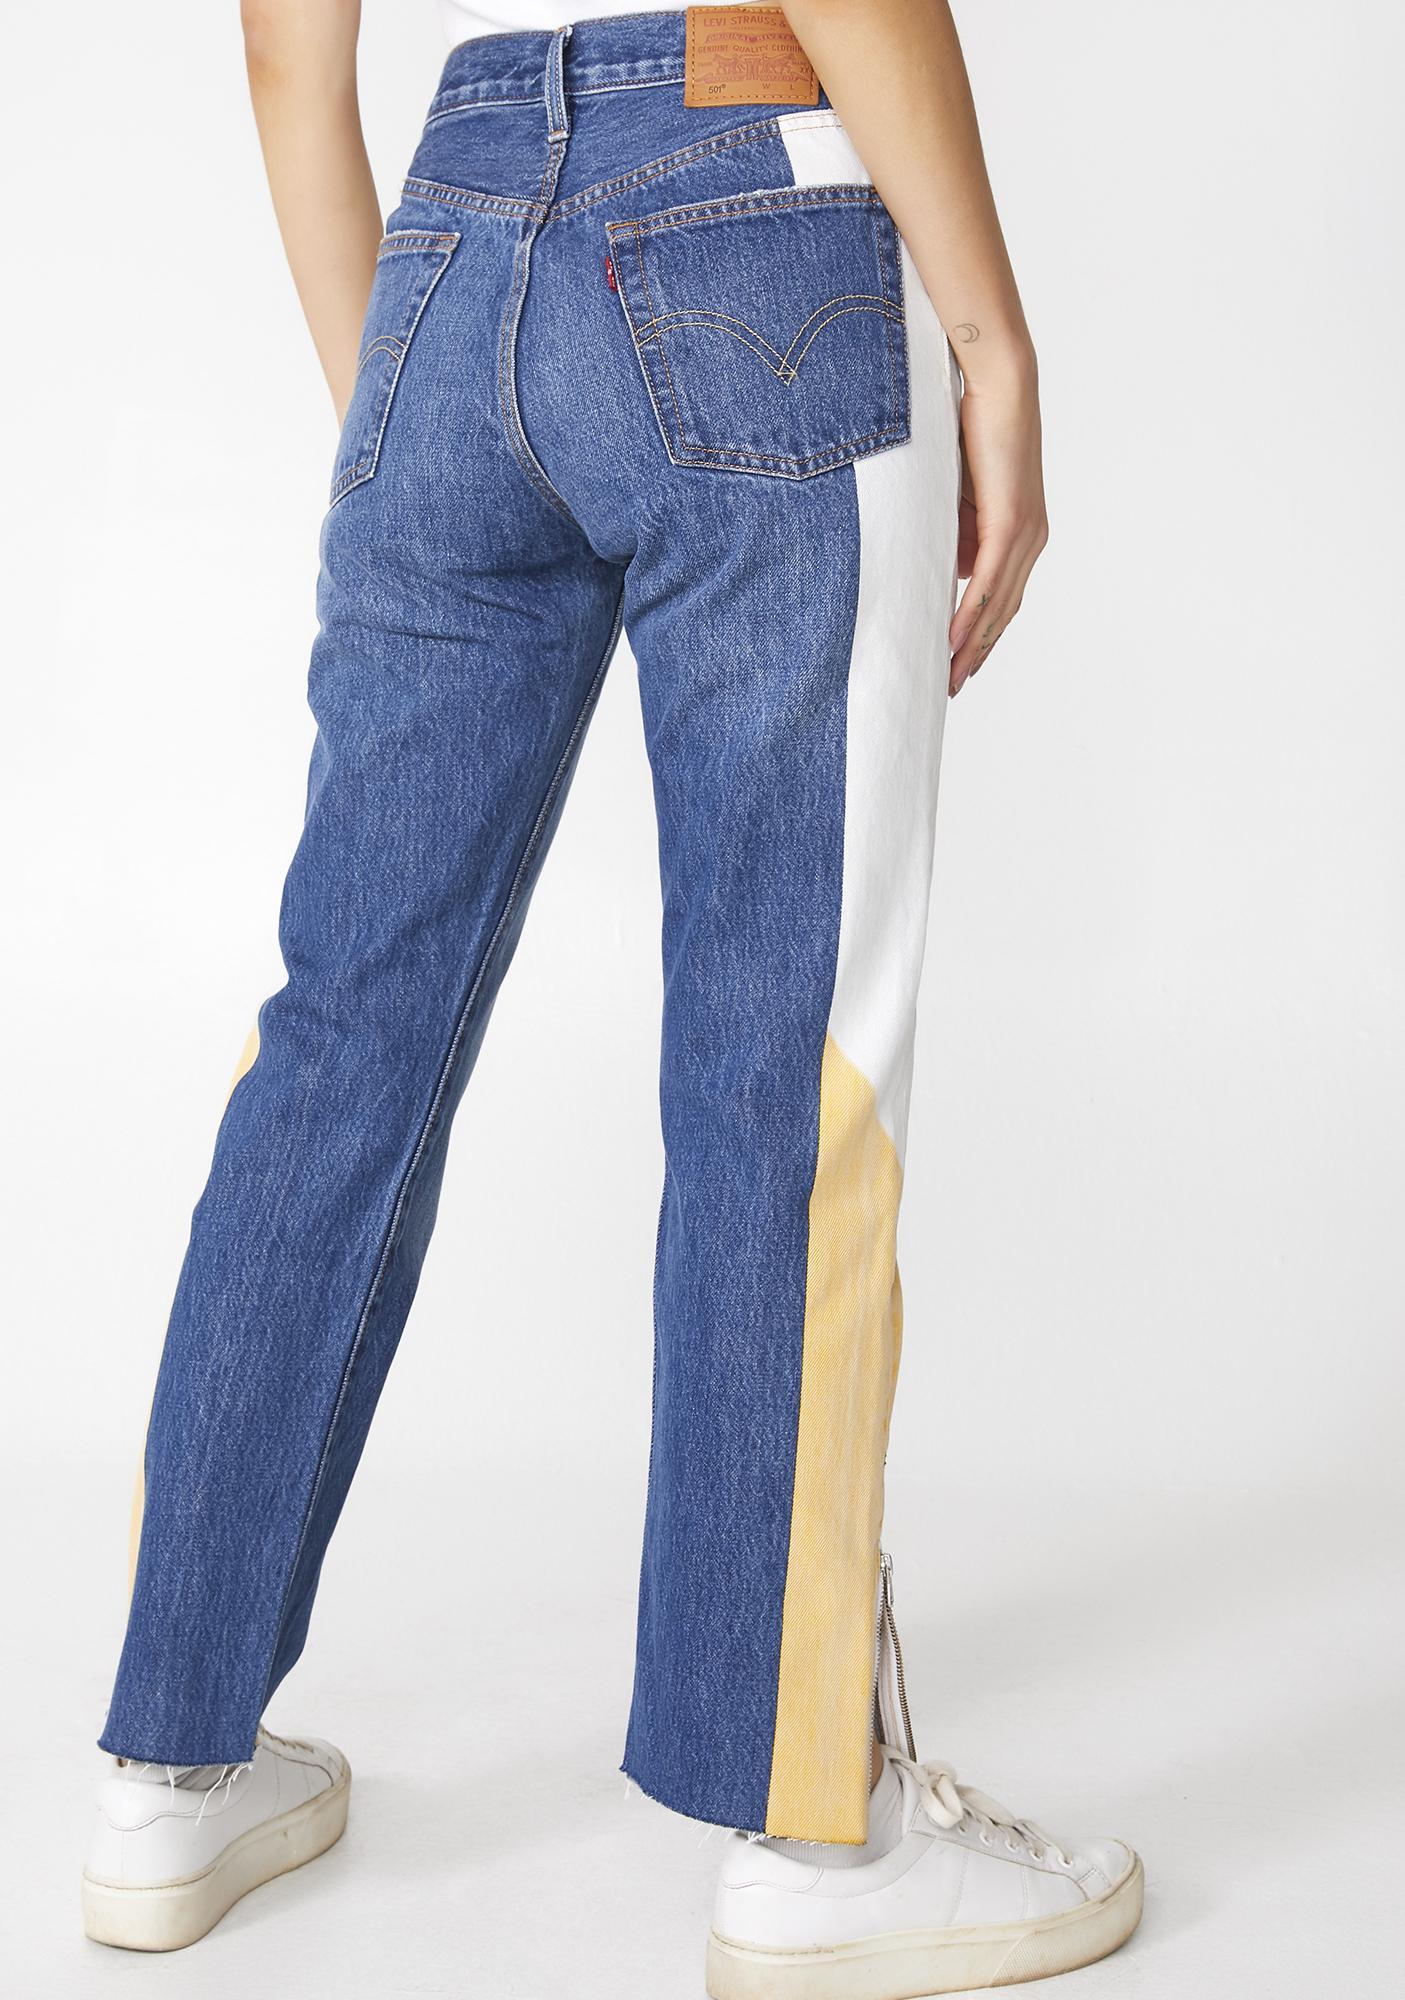 Levis 501 Original Moto Jeans